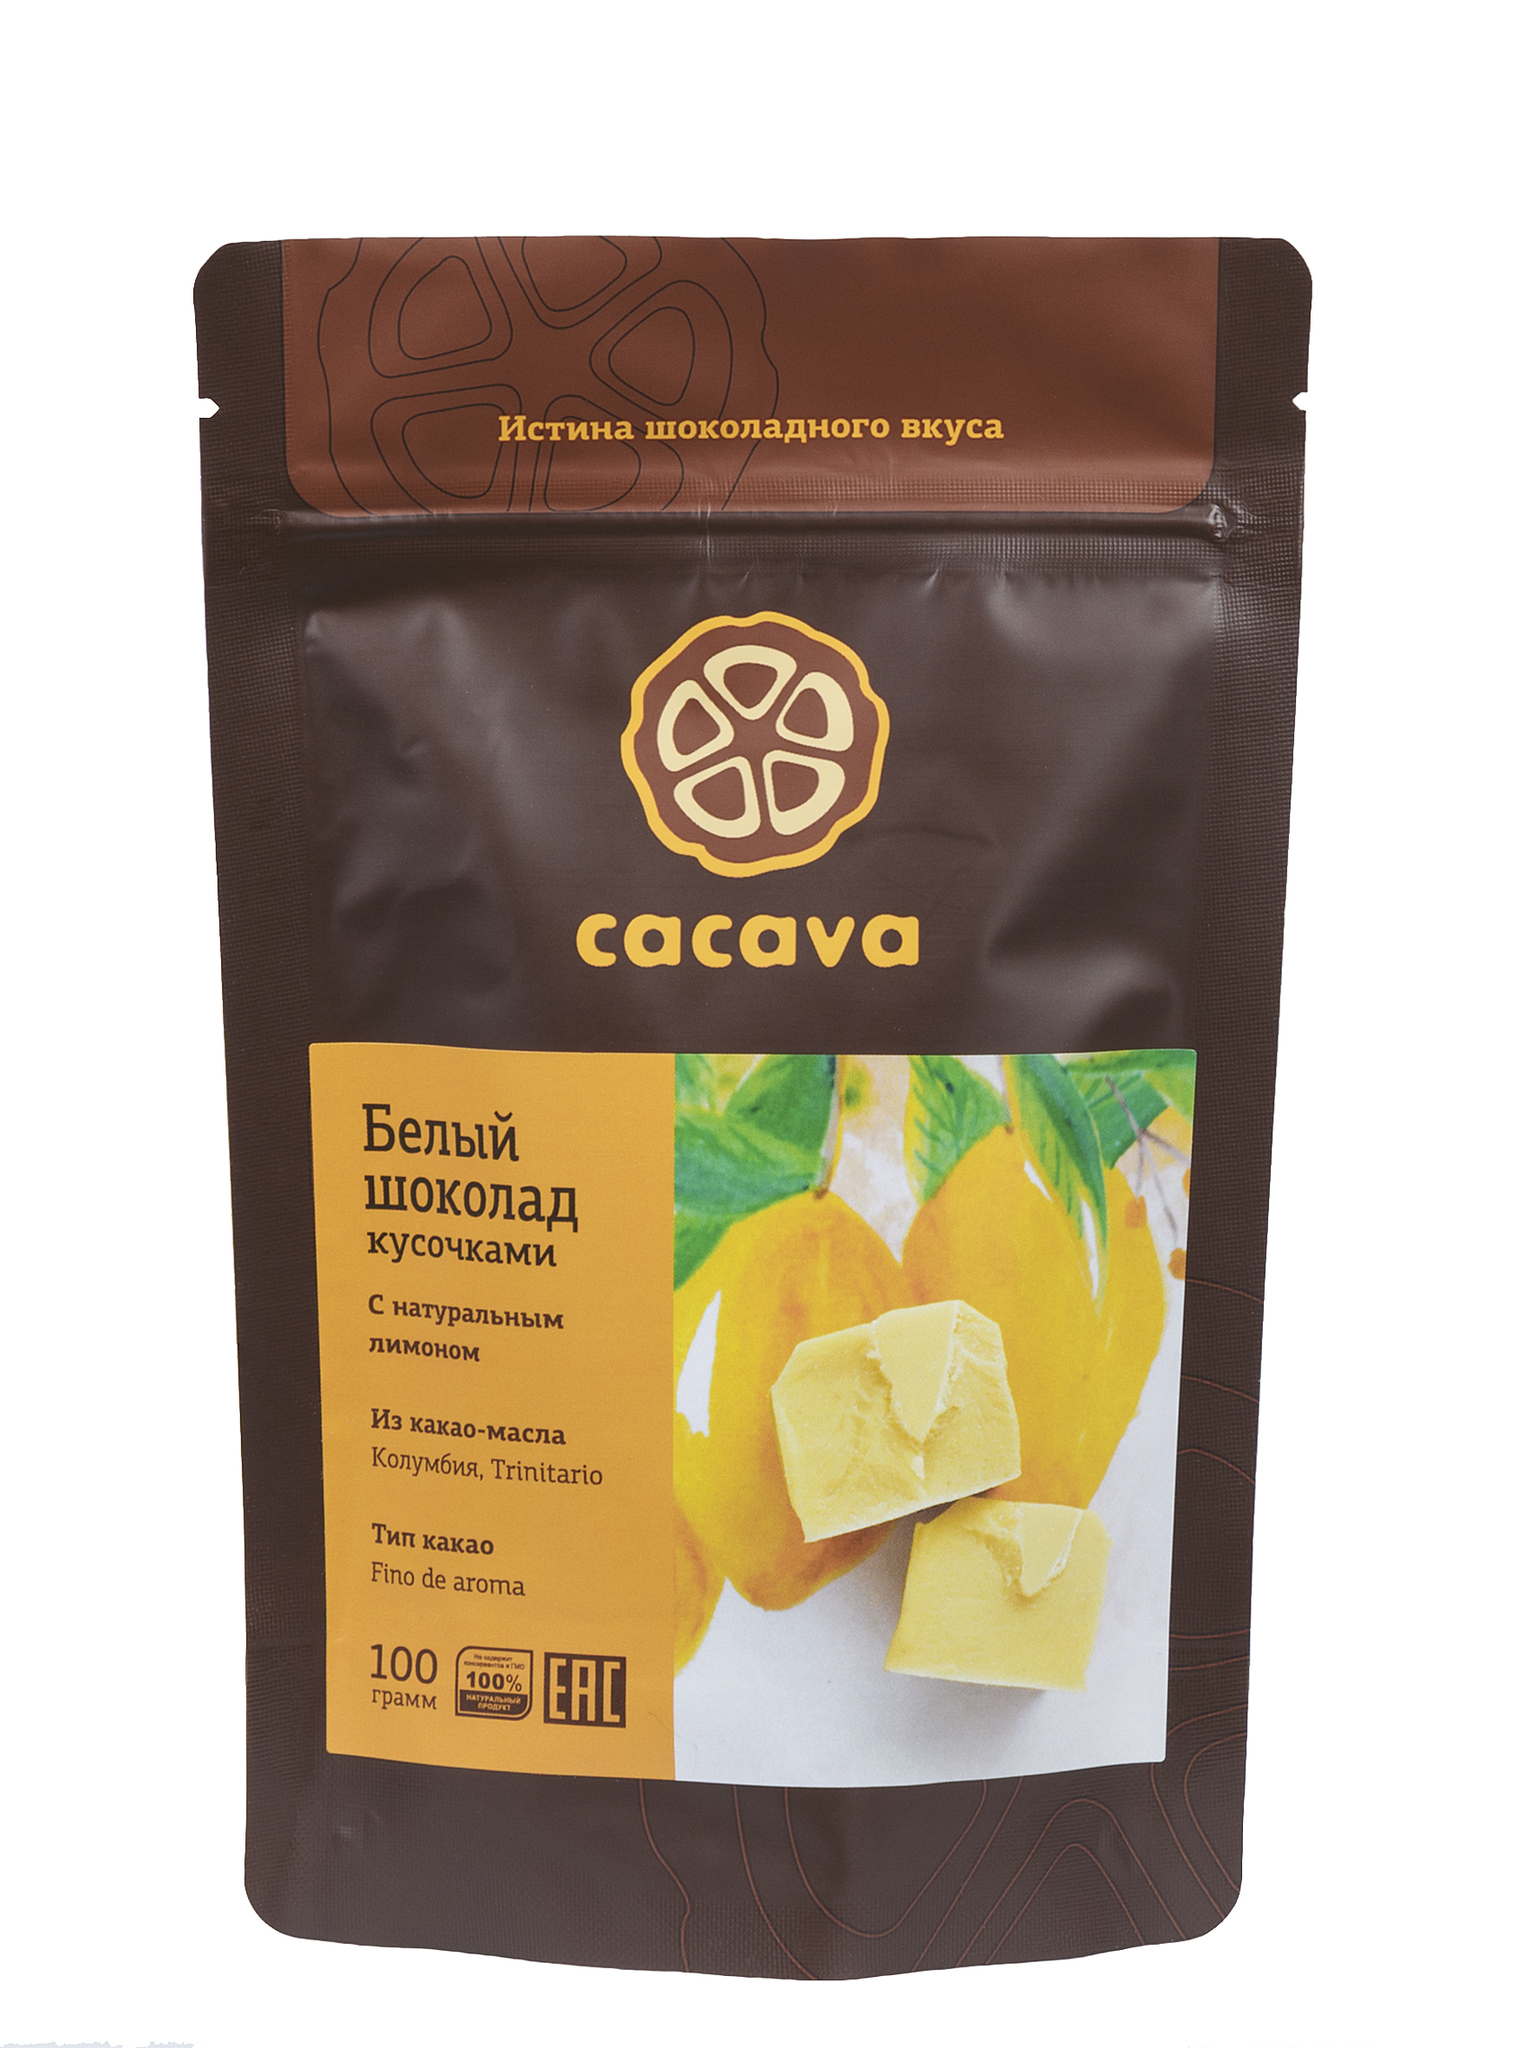 Белый шоколад с лимоном, упаковка 100 грамм